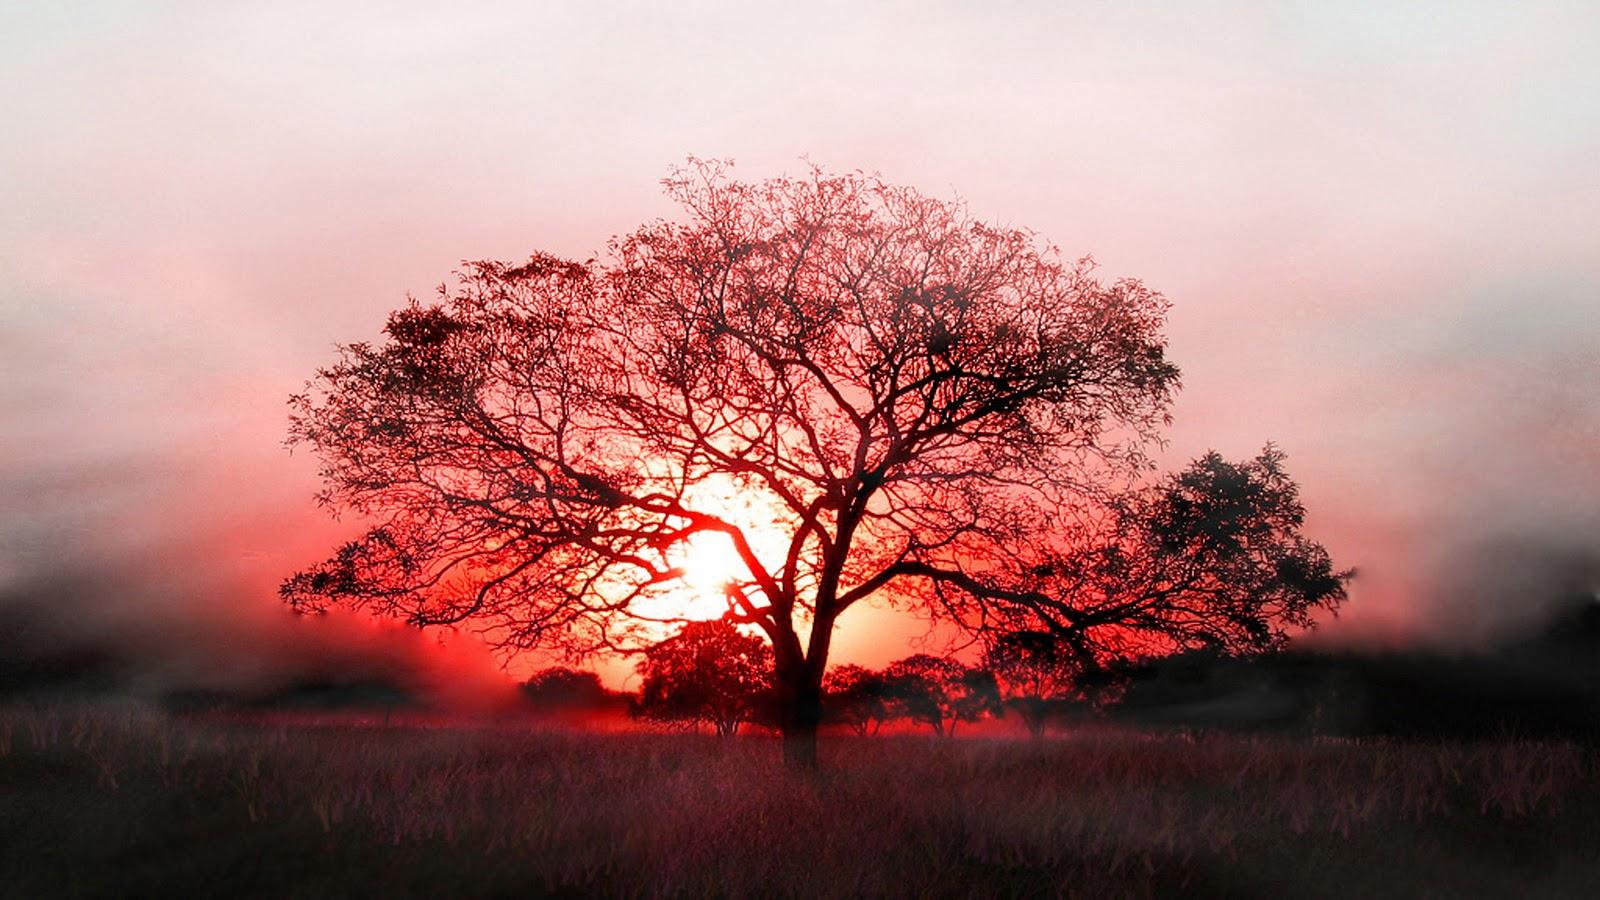 http://3.bp.blogspot.com/-Av70s_Ci2f0/TvcJ0oUHS_I/AAAAAAAAAA8/YTnGyIibbxk/s1600/Nature-sunshine-tree-wallpaper-hd.jpg